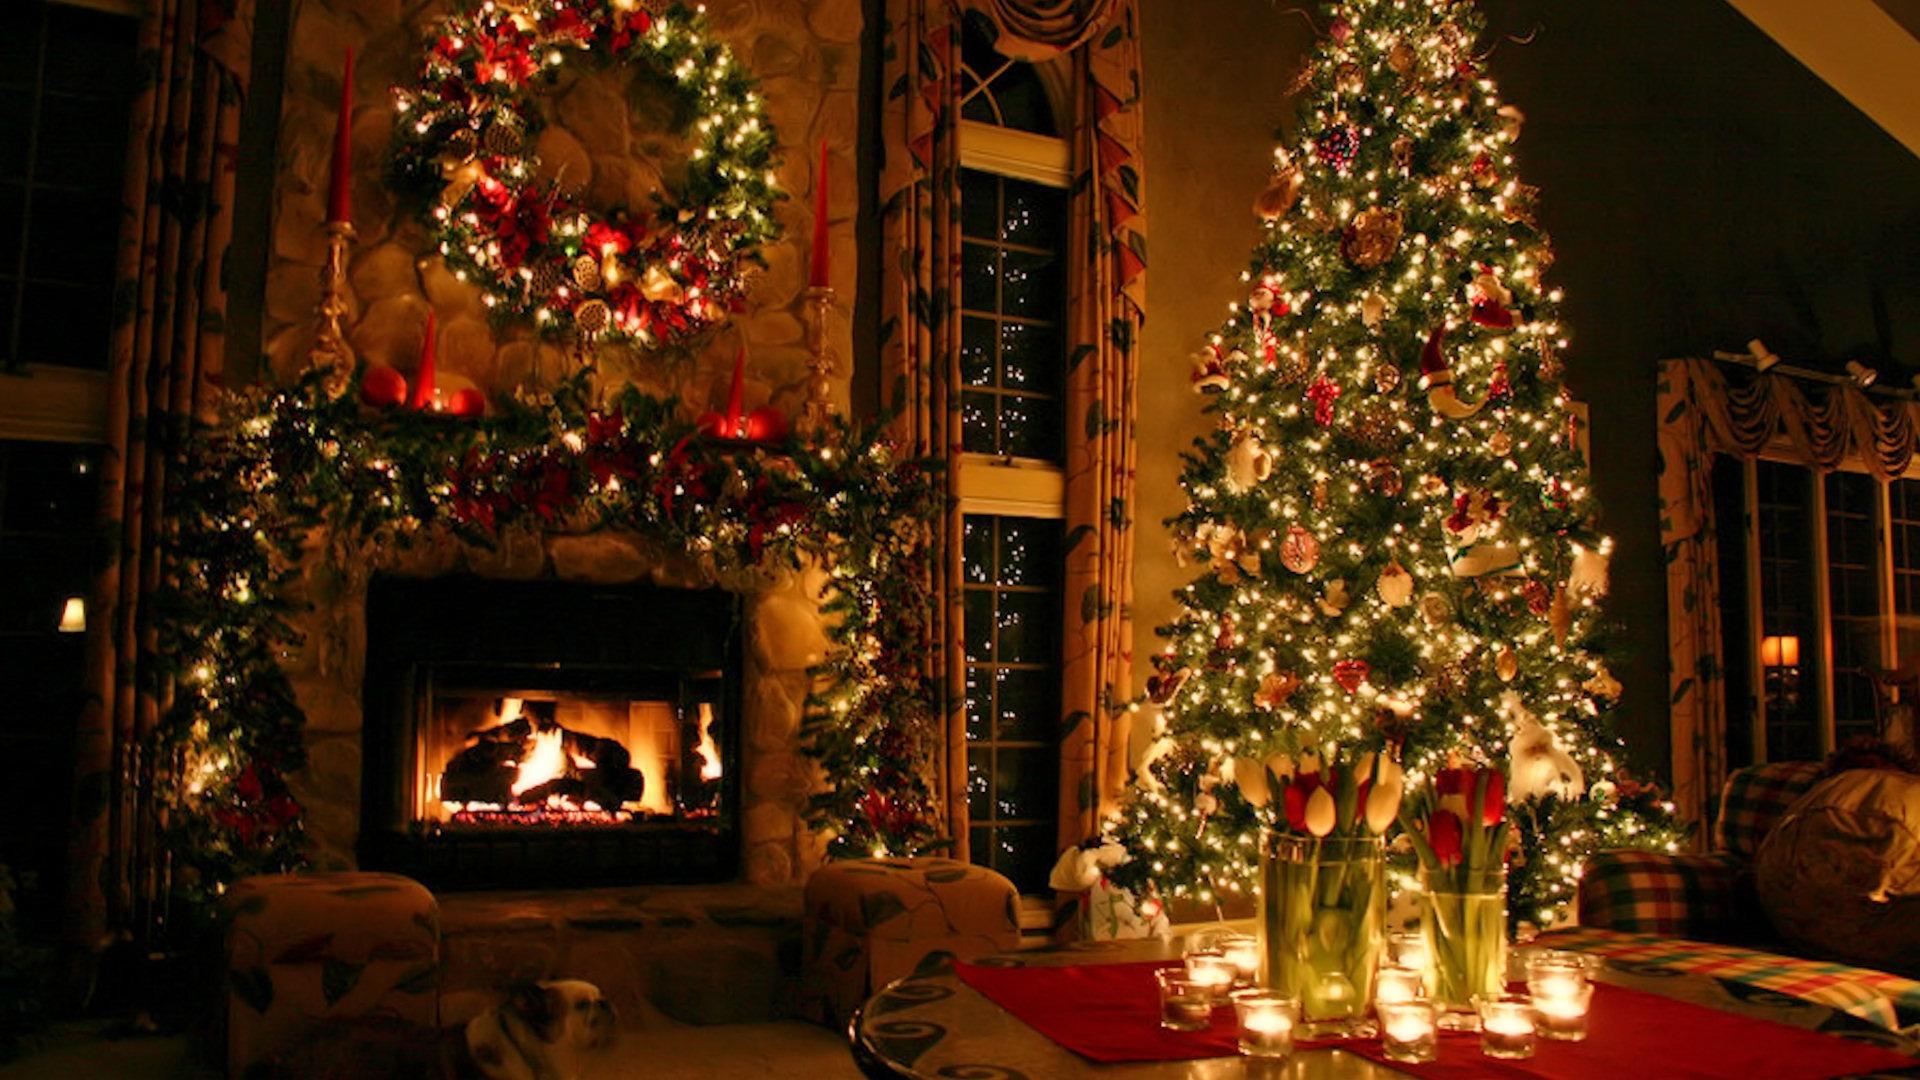 Christmas Celebration  Christmas Wallpapers  Christmas